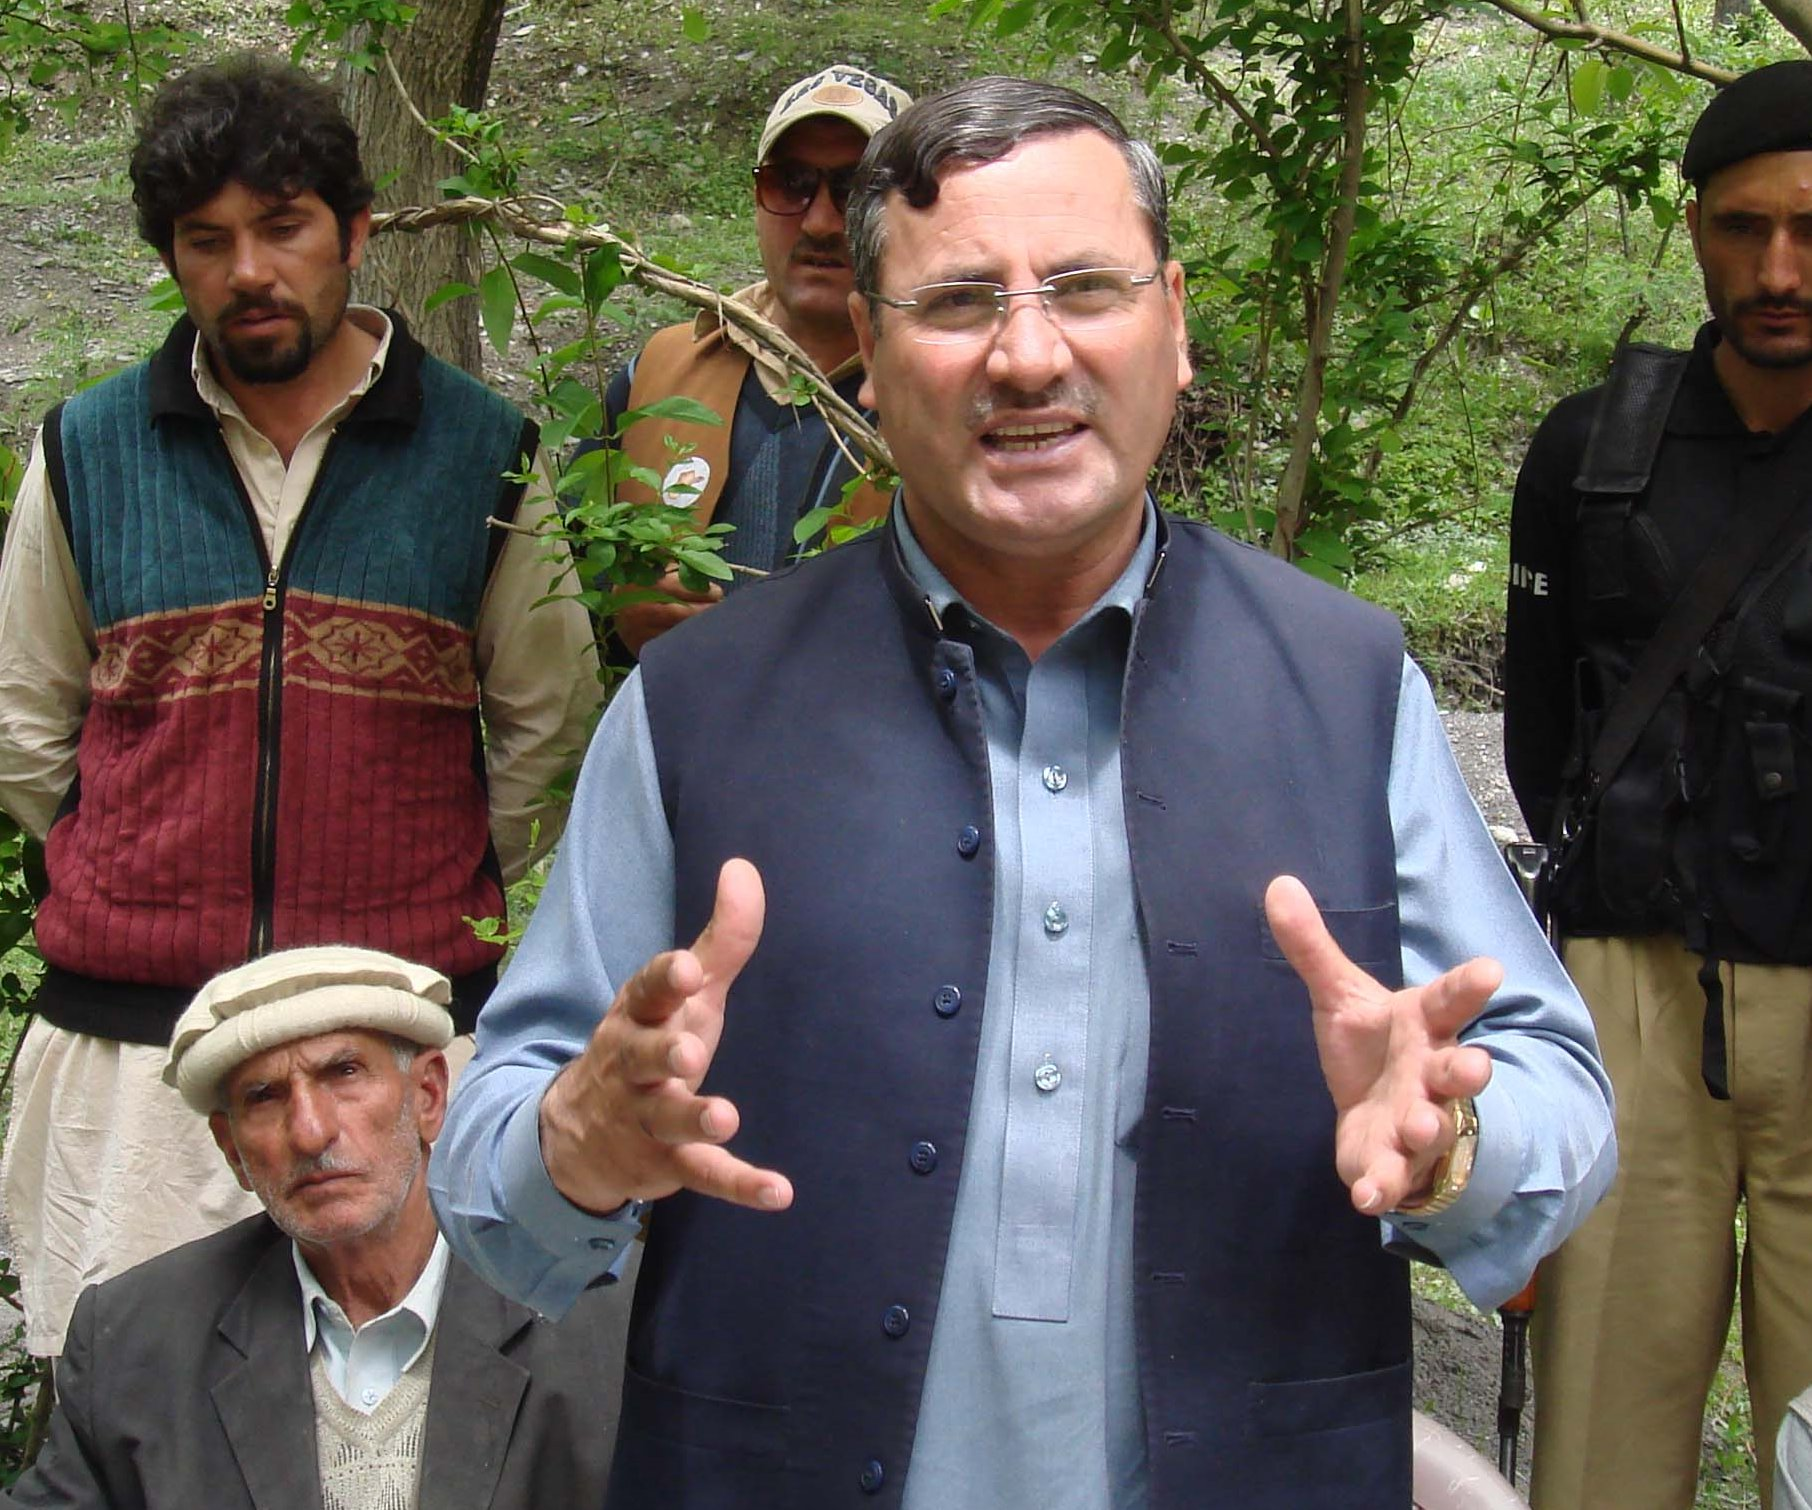 اے این پی کے دوستوں کومشورہ ہےکہ آئندہ سوچ سمجھ کربیان بازی کریں ورنہ لینے کے دینے پڑجائیں گے، سلیم خان